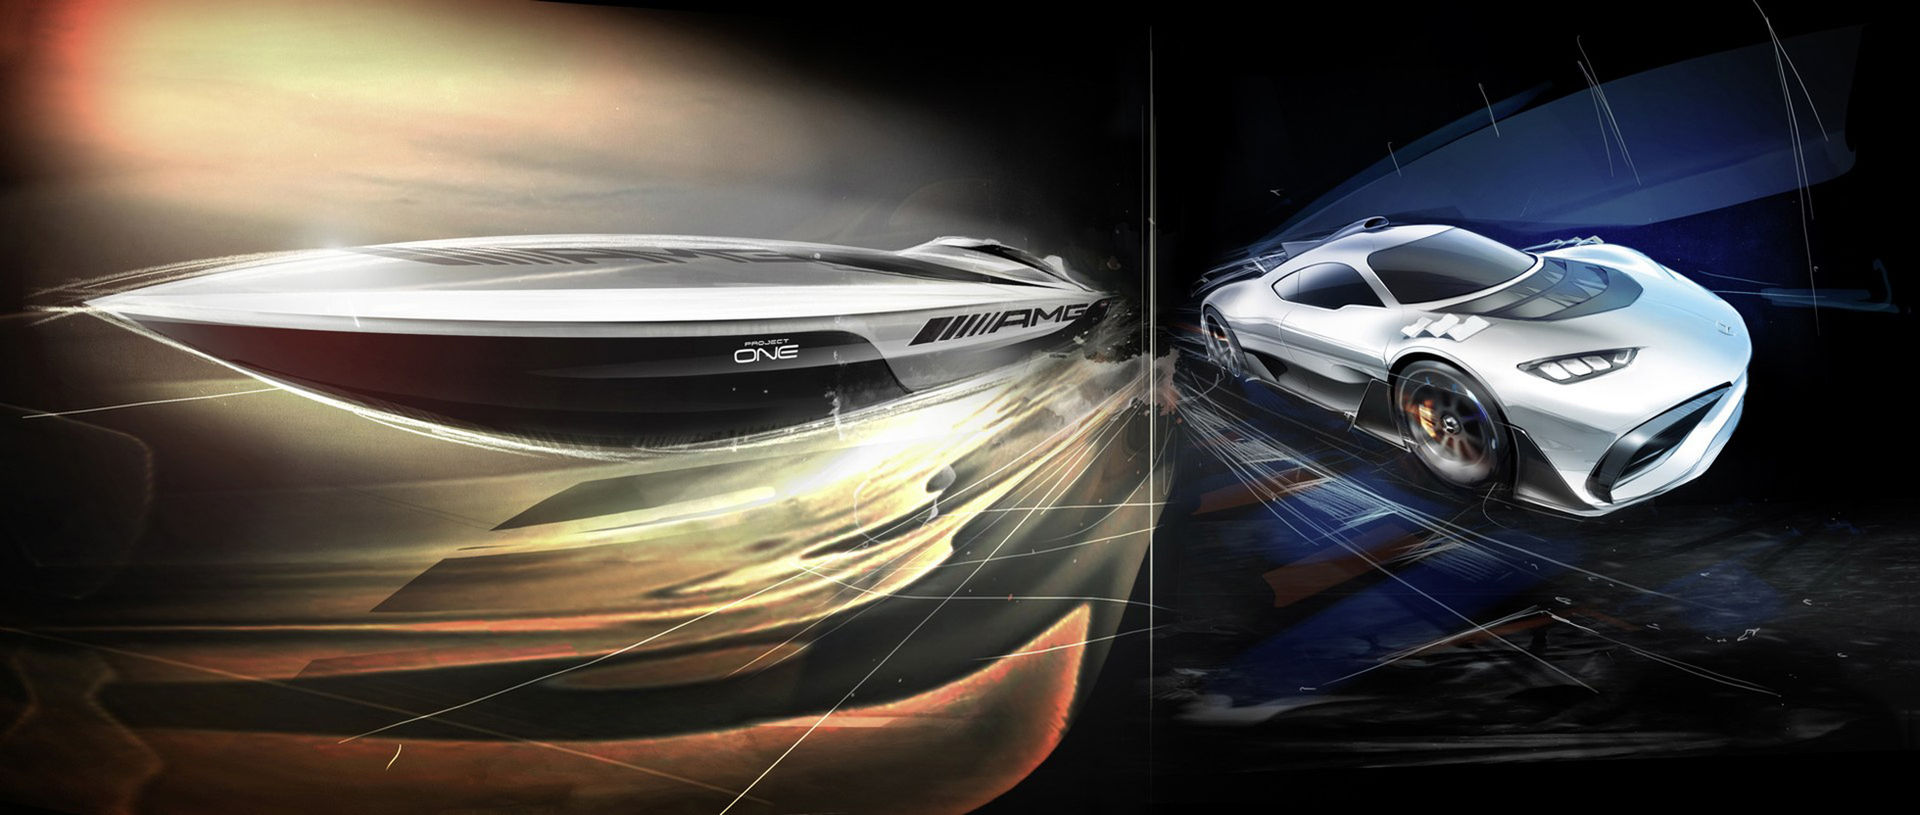 Båt med inspiration från Mercedes superbil